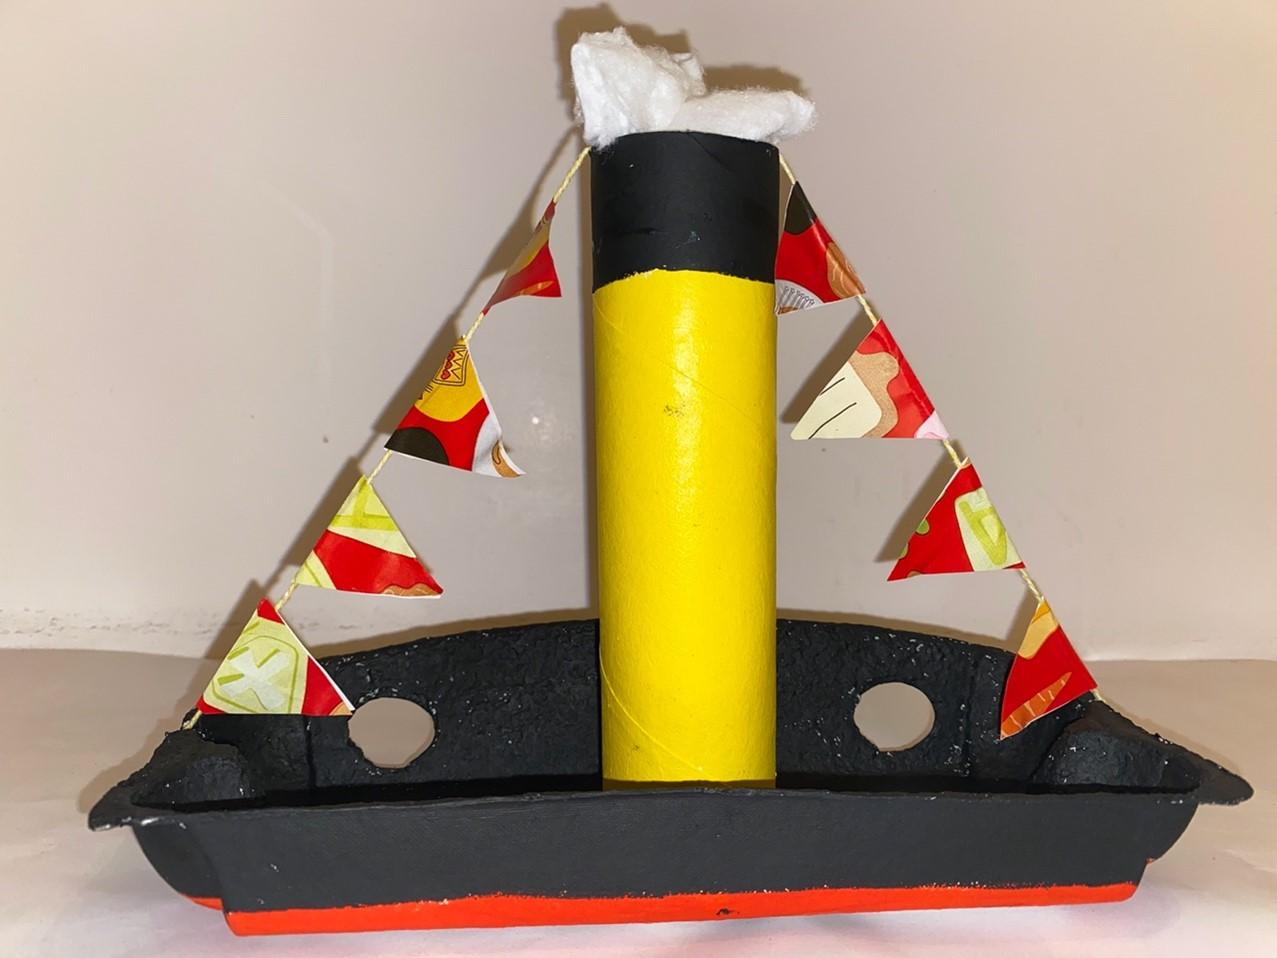 Stoomboot van Sinterklaas geknutseld van papier en karton